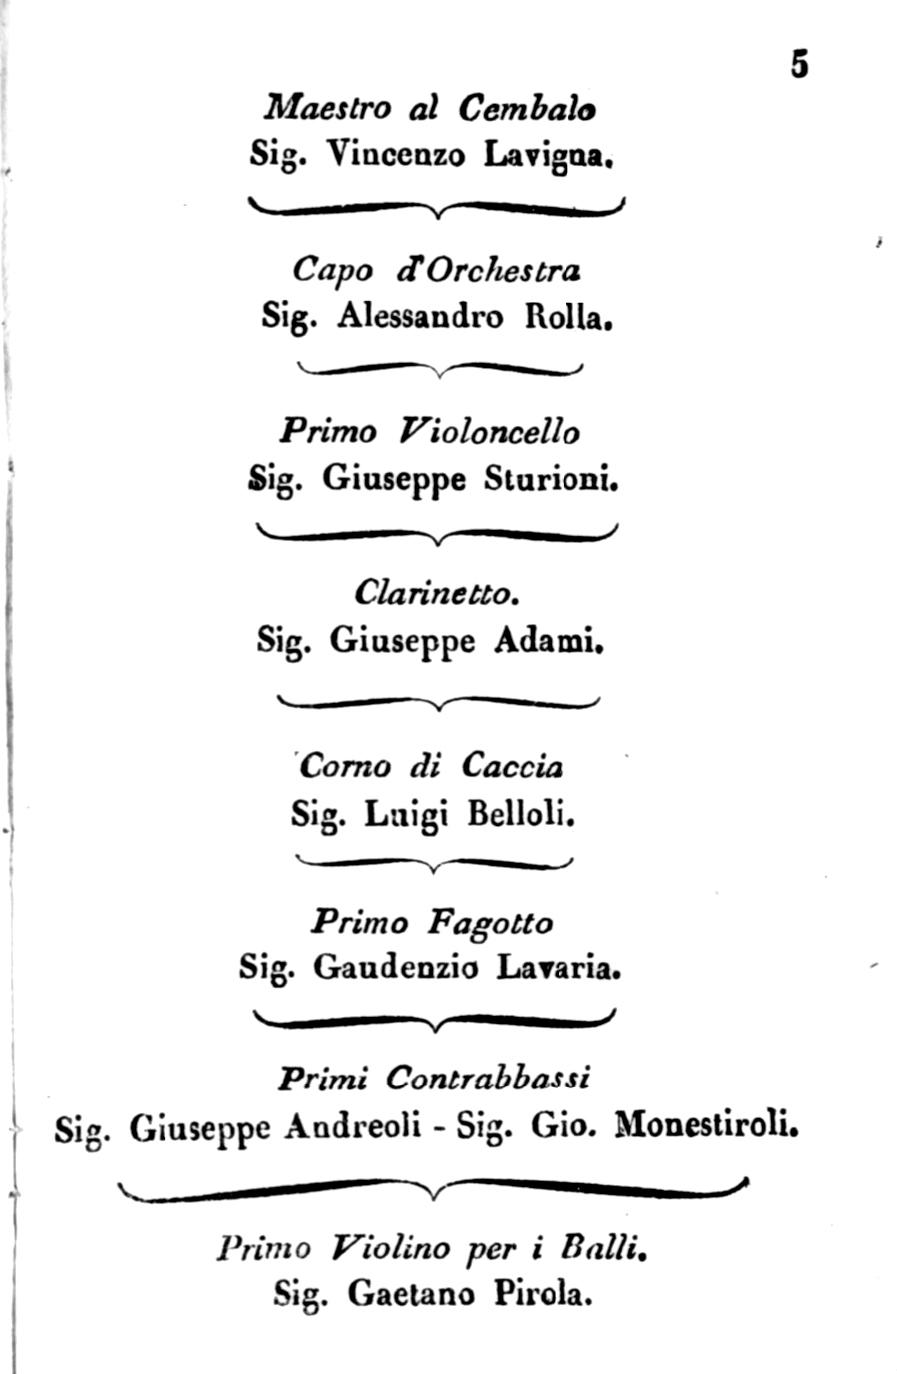 ミラノ・スカラ座歌劇場管弦楽団の歴史 1811年~1820年_b0189423_17171091.jpg